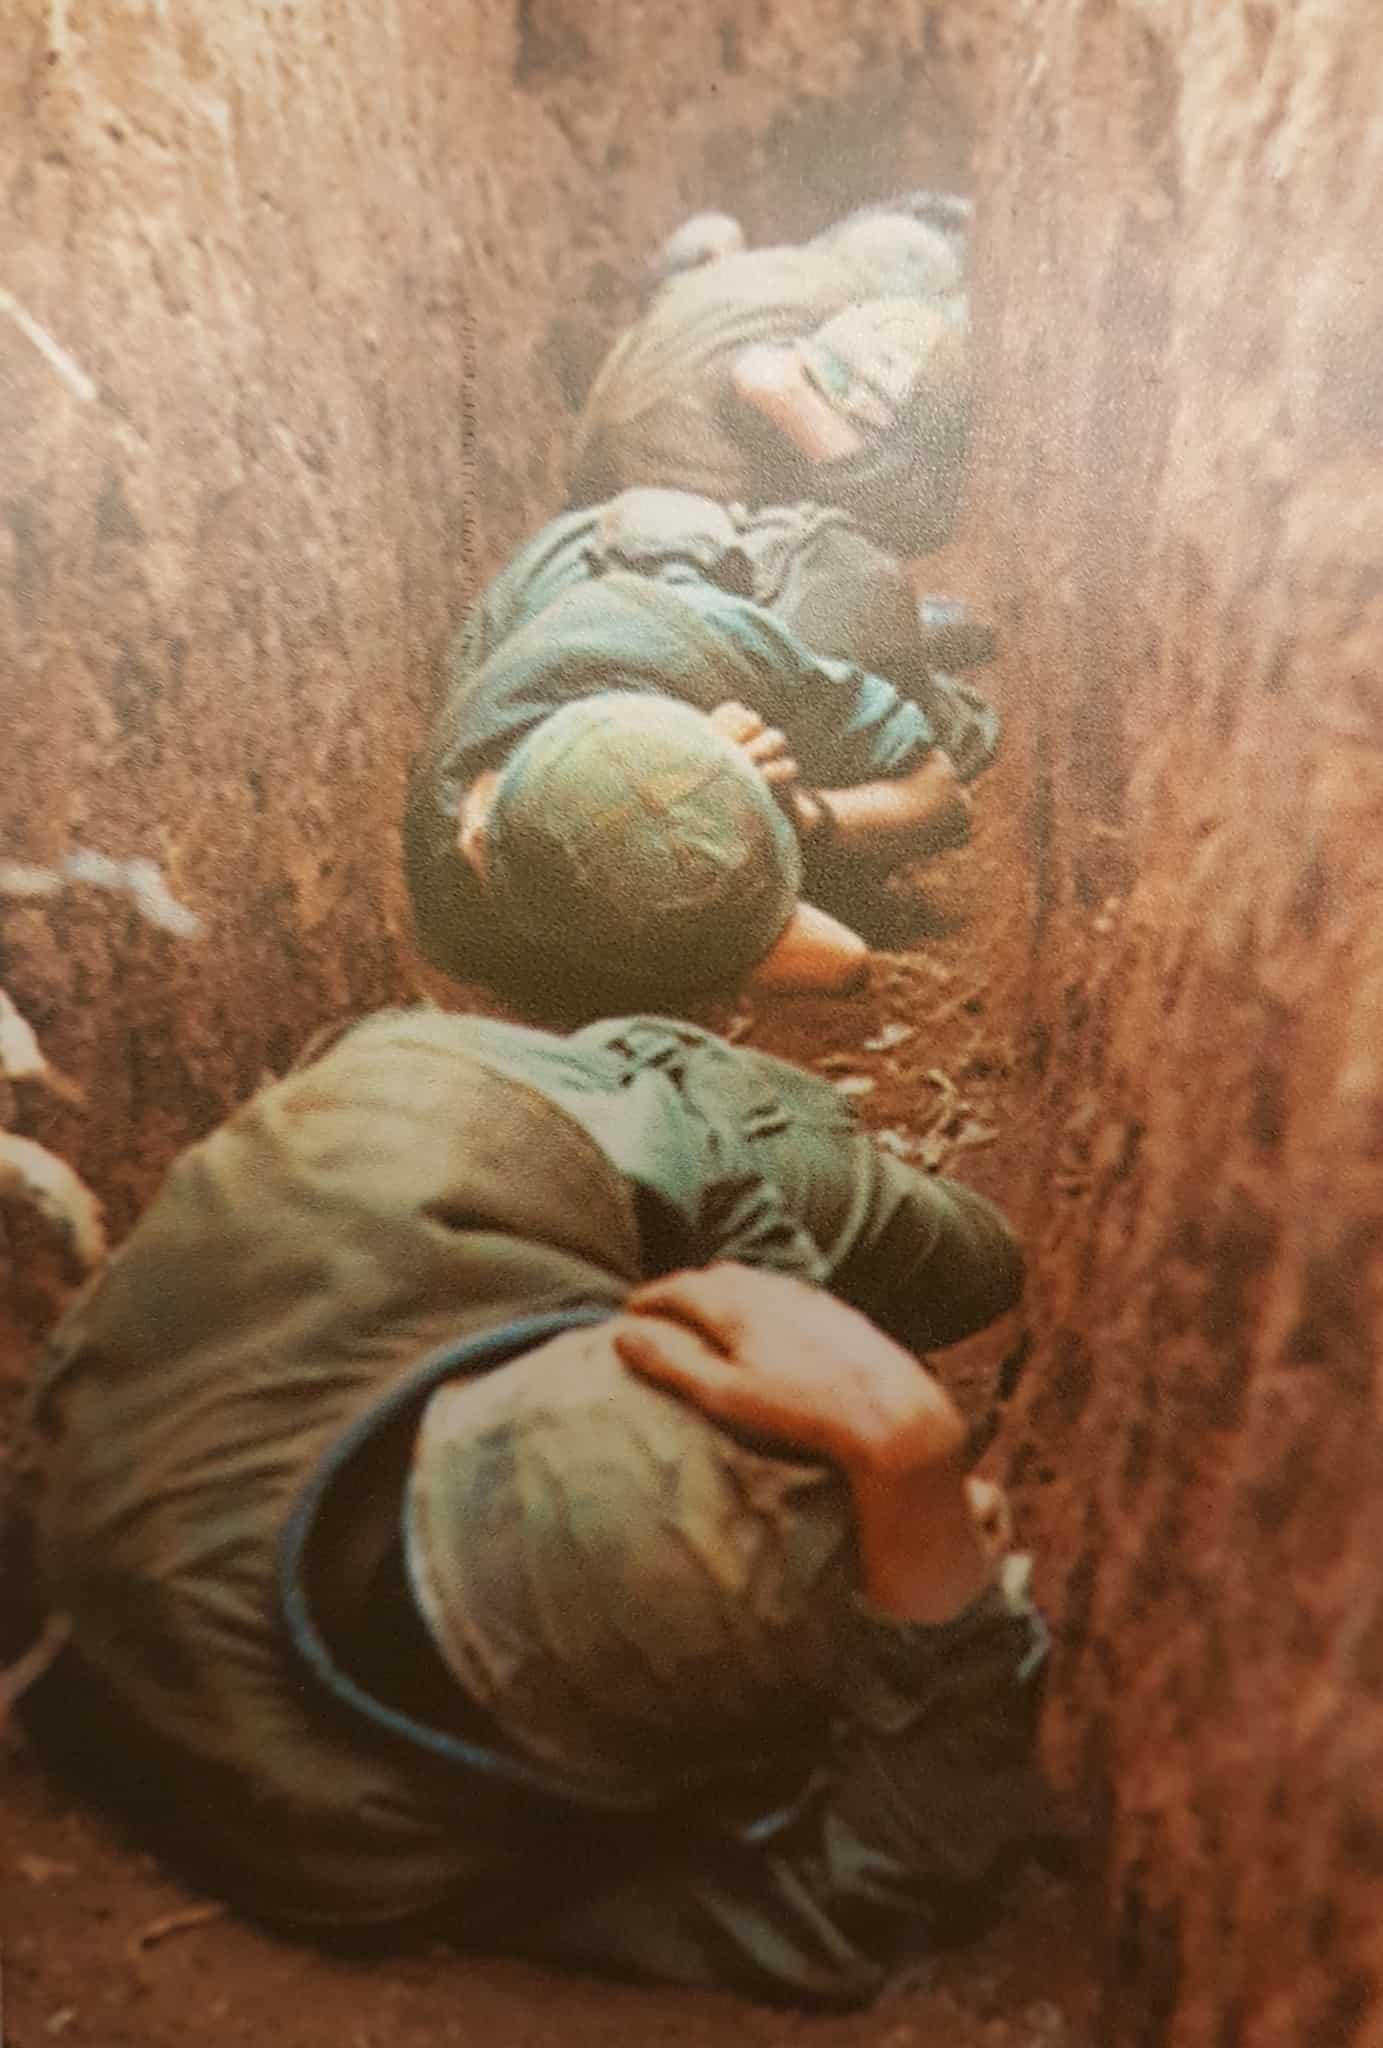 Vietnam, on visite le Musée des Vestiges de Guerre pour comprendre l'histoire du pays 📖 4